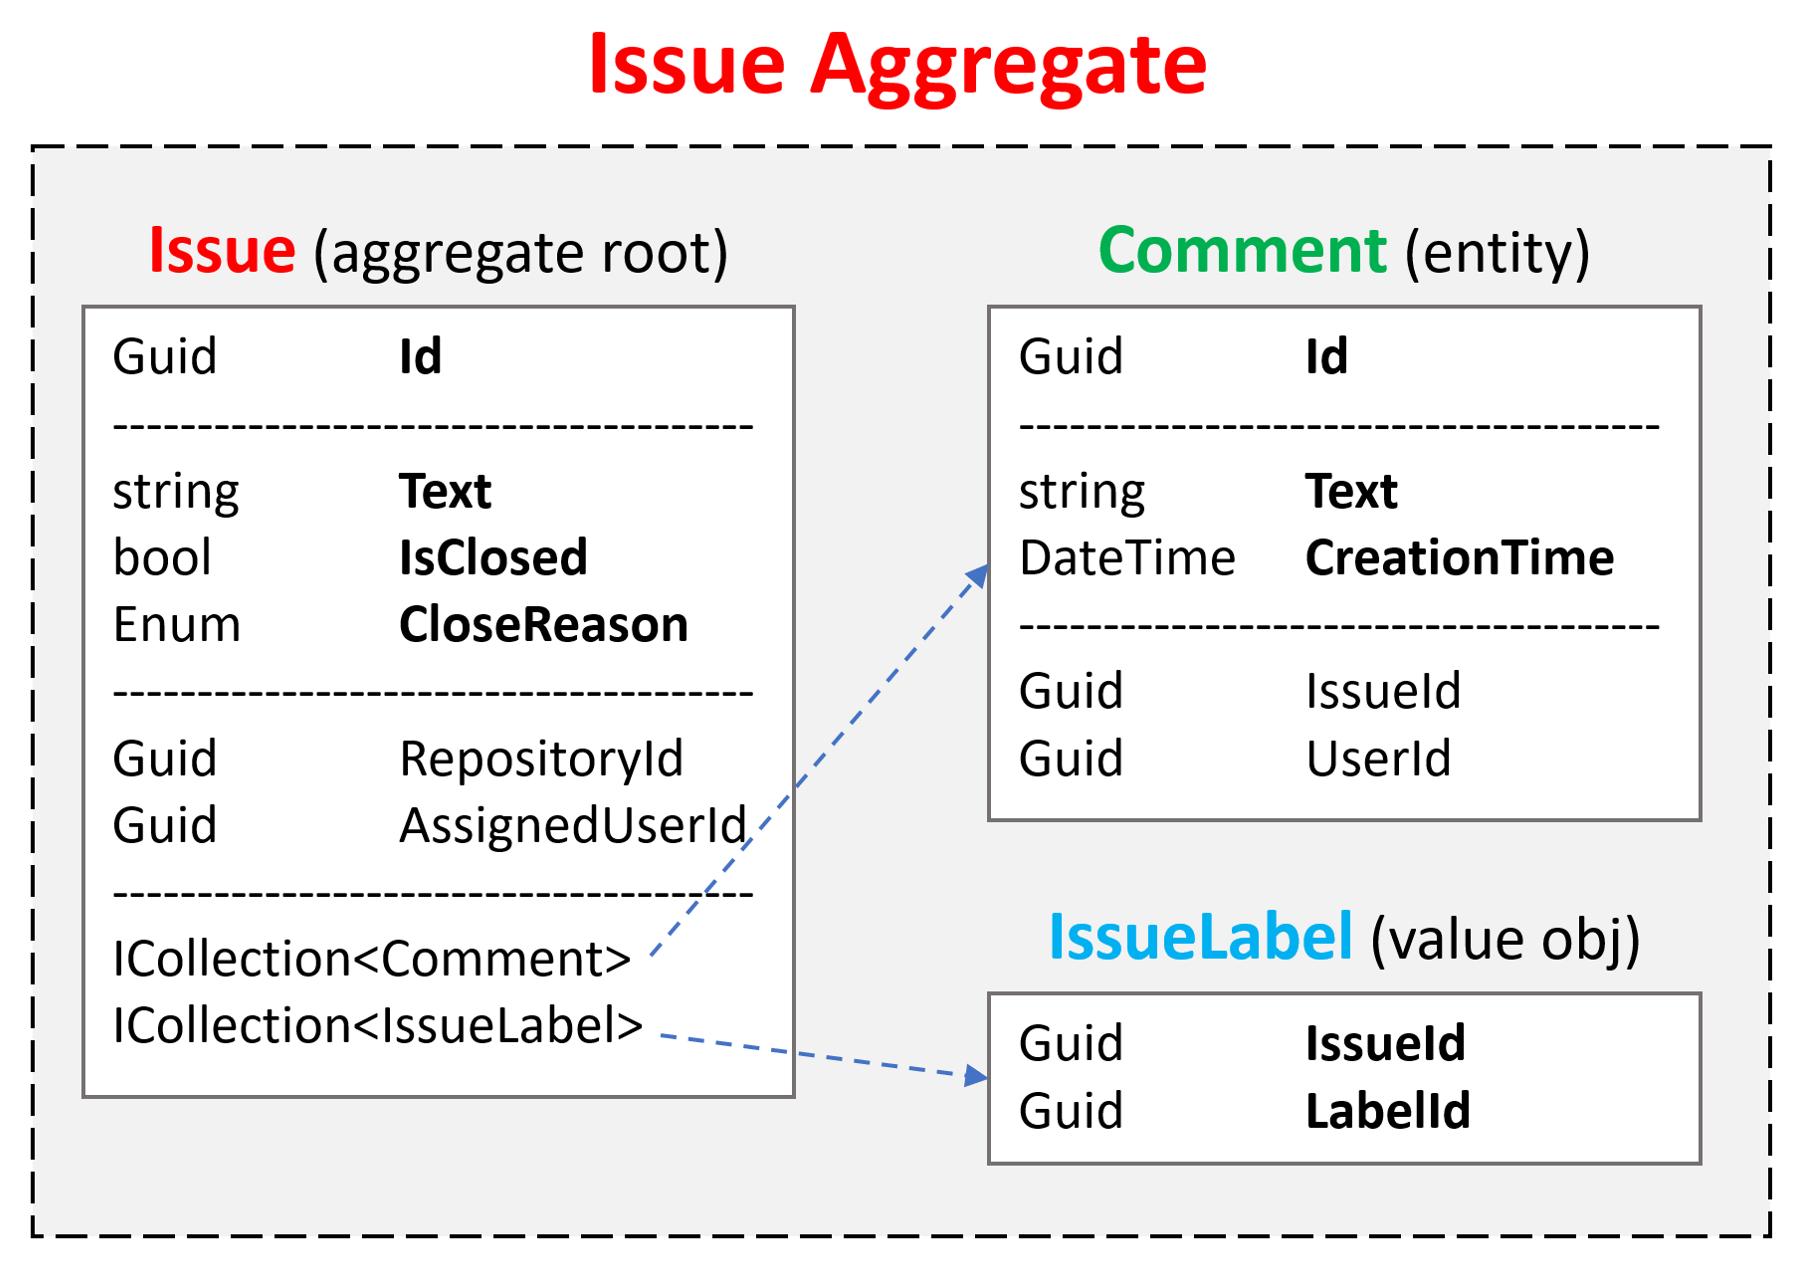 domain-driven-design-issue-aggregate-diagram